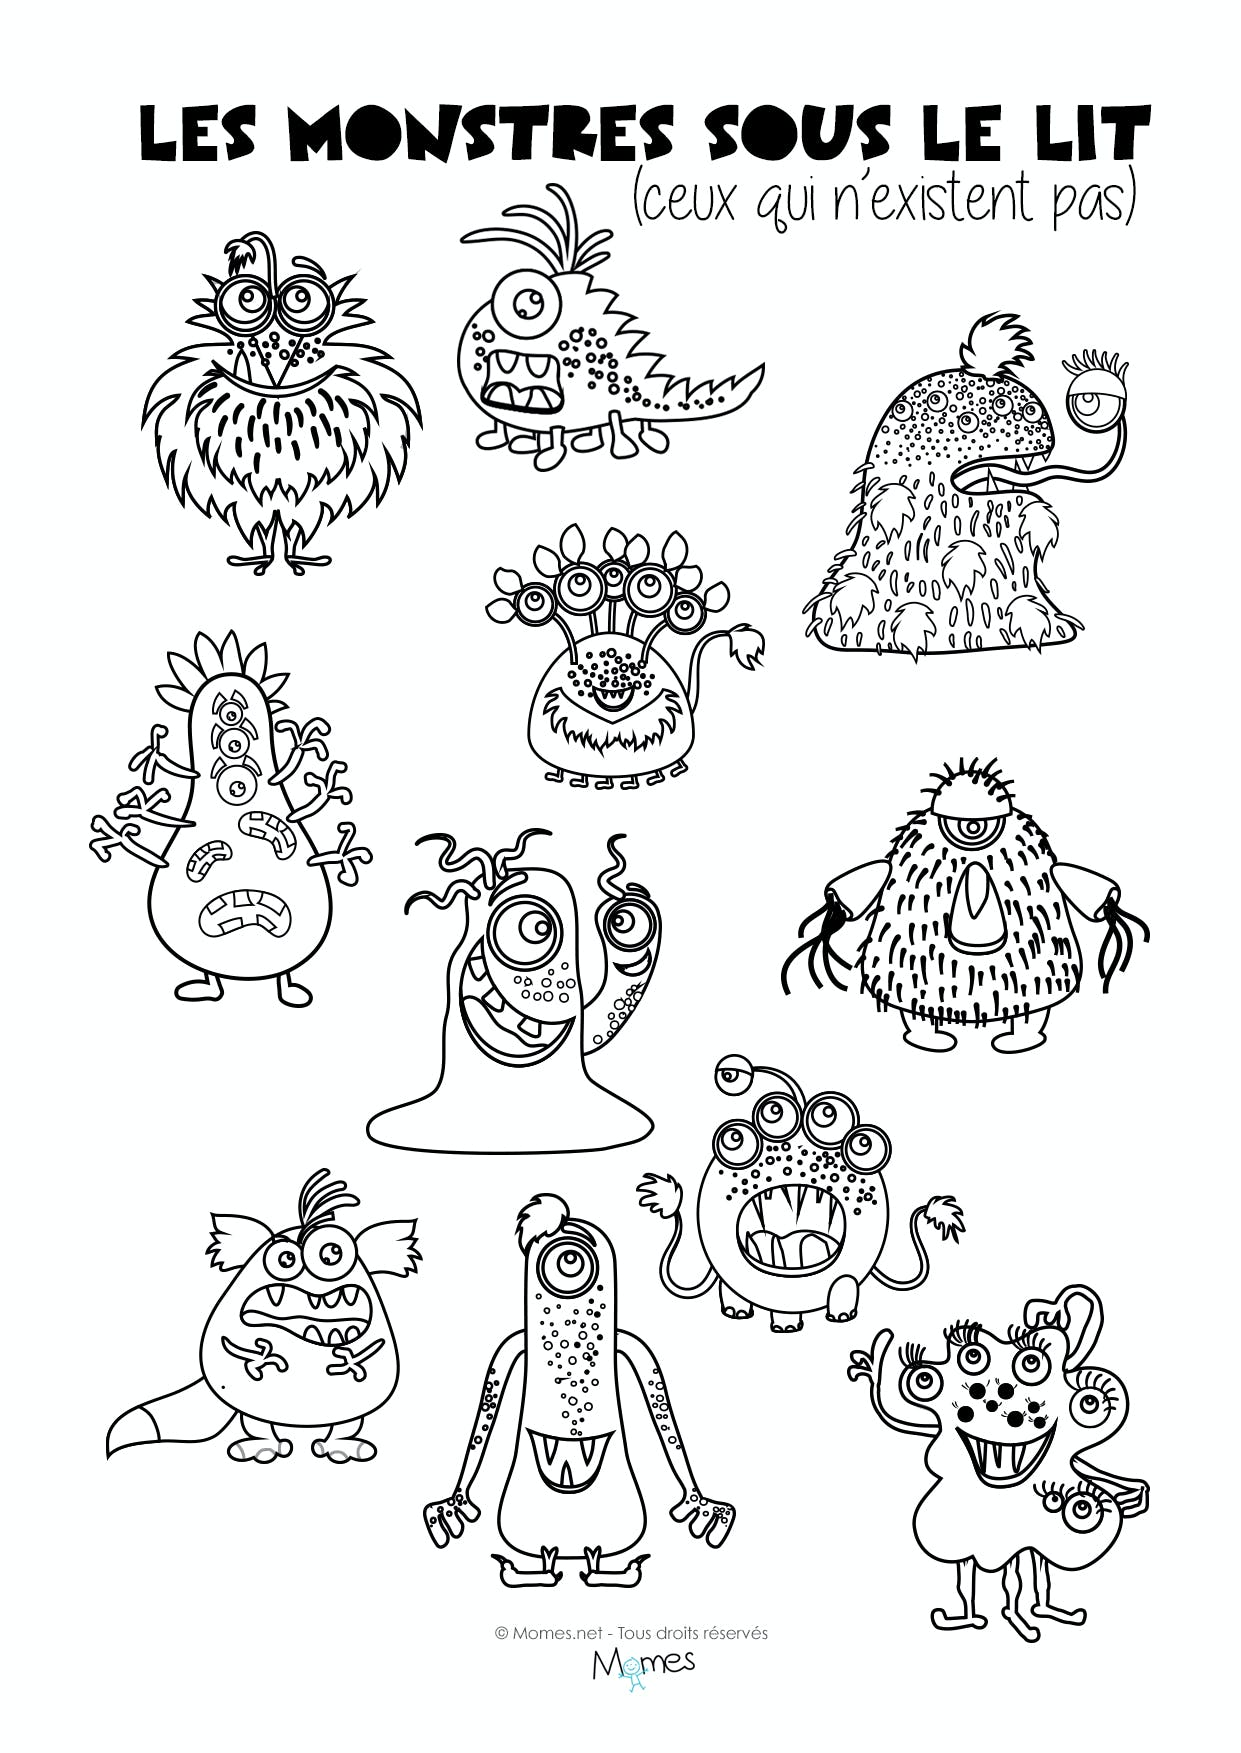 Coloriages les monstres sous le lit - Coloriage de monstres ...